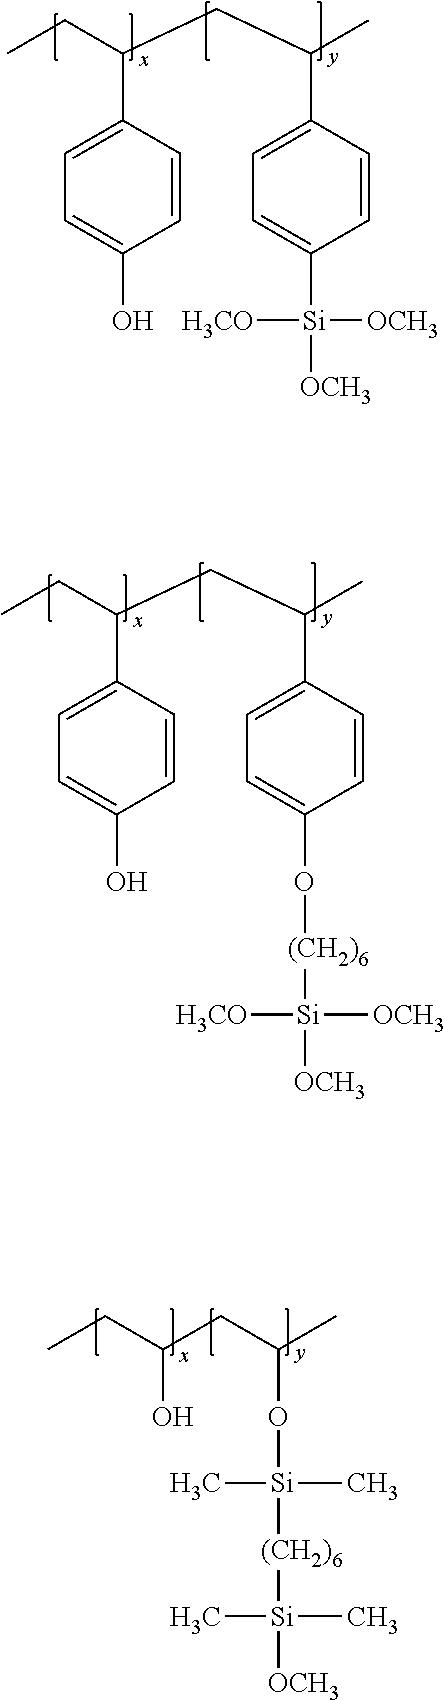 Figure US08623447-20140107-C00001